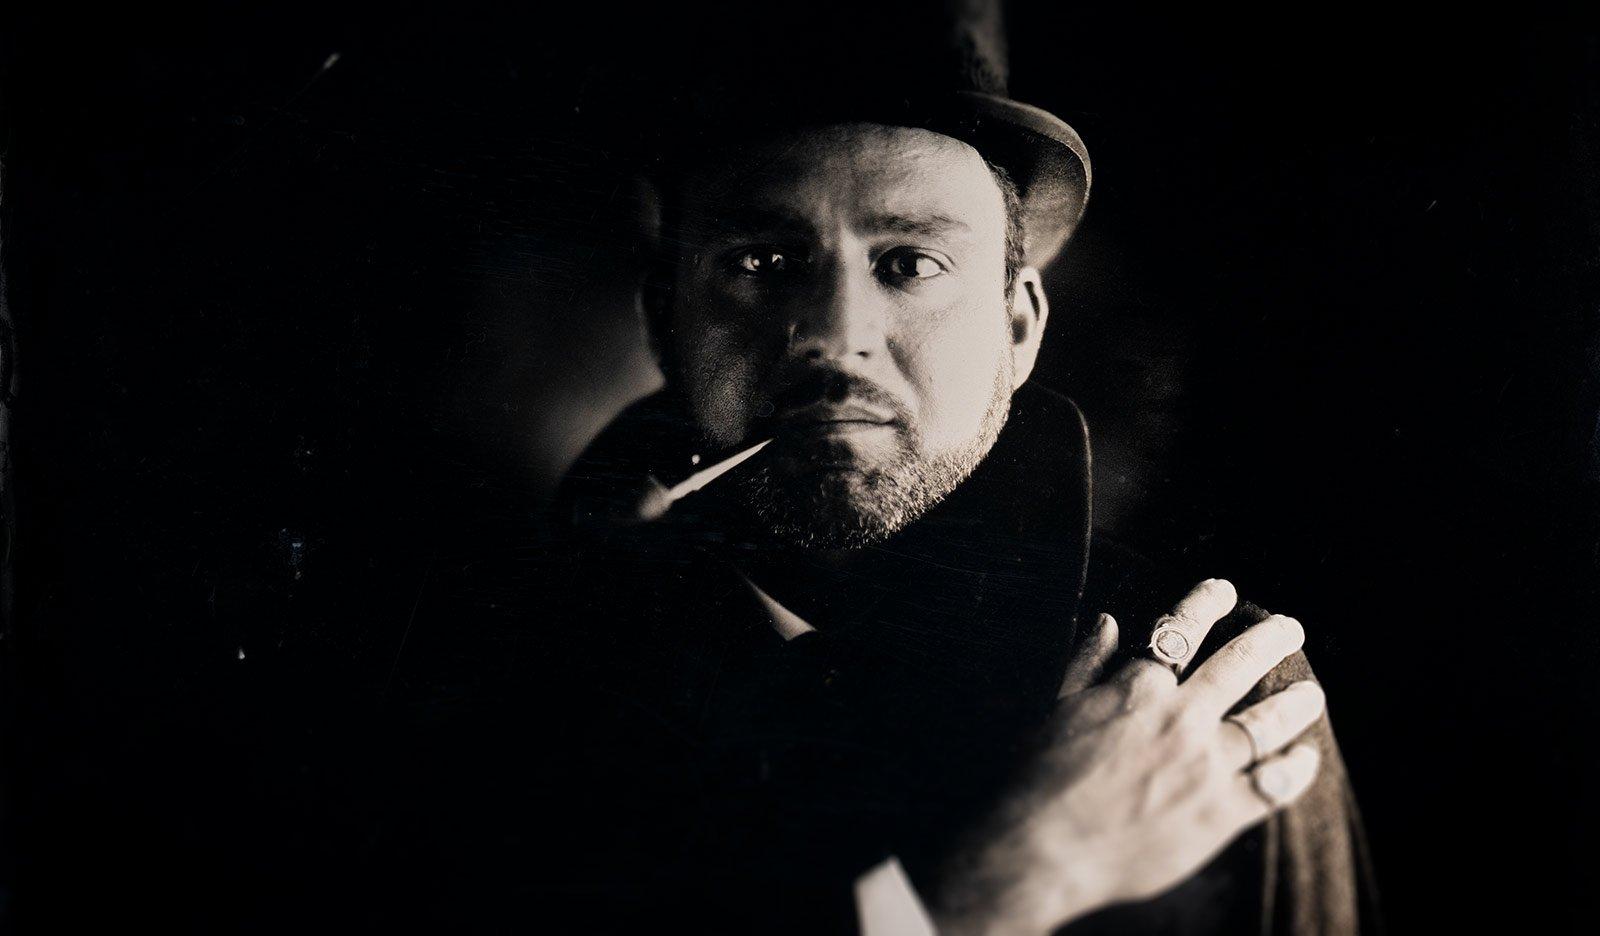 Ritratto d'autore con antiche tecniche fotografiche